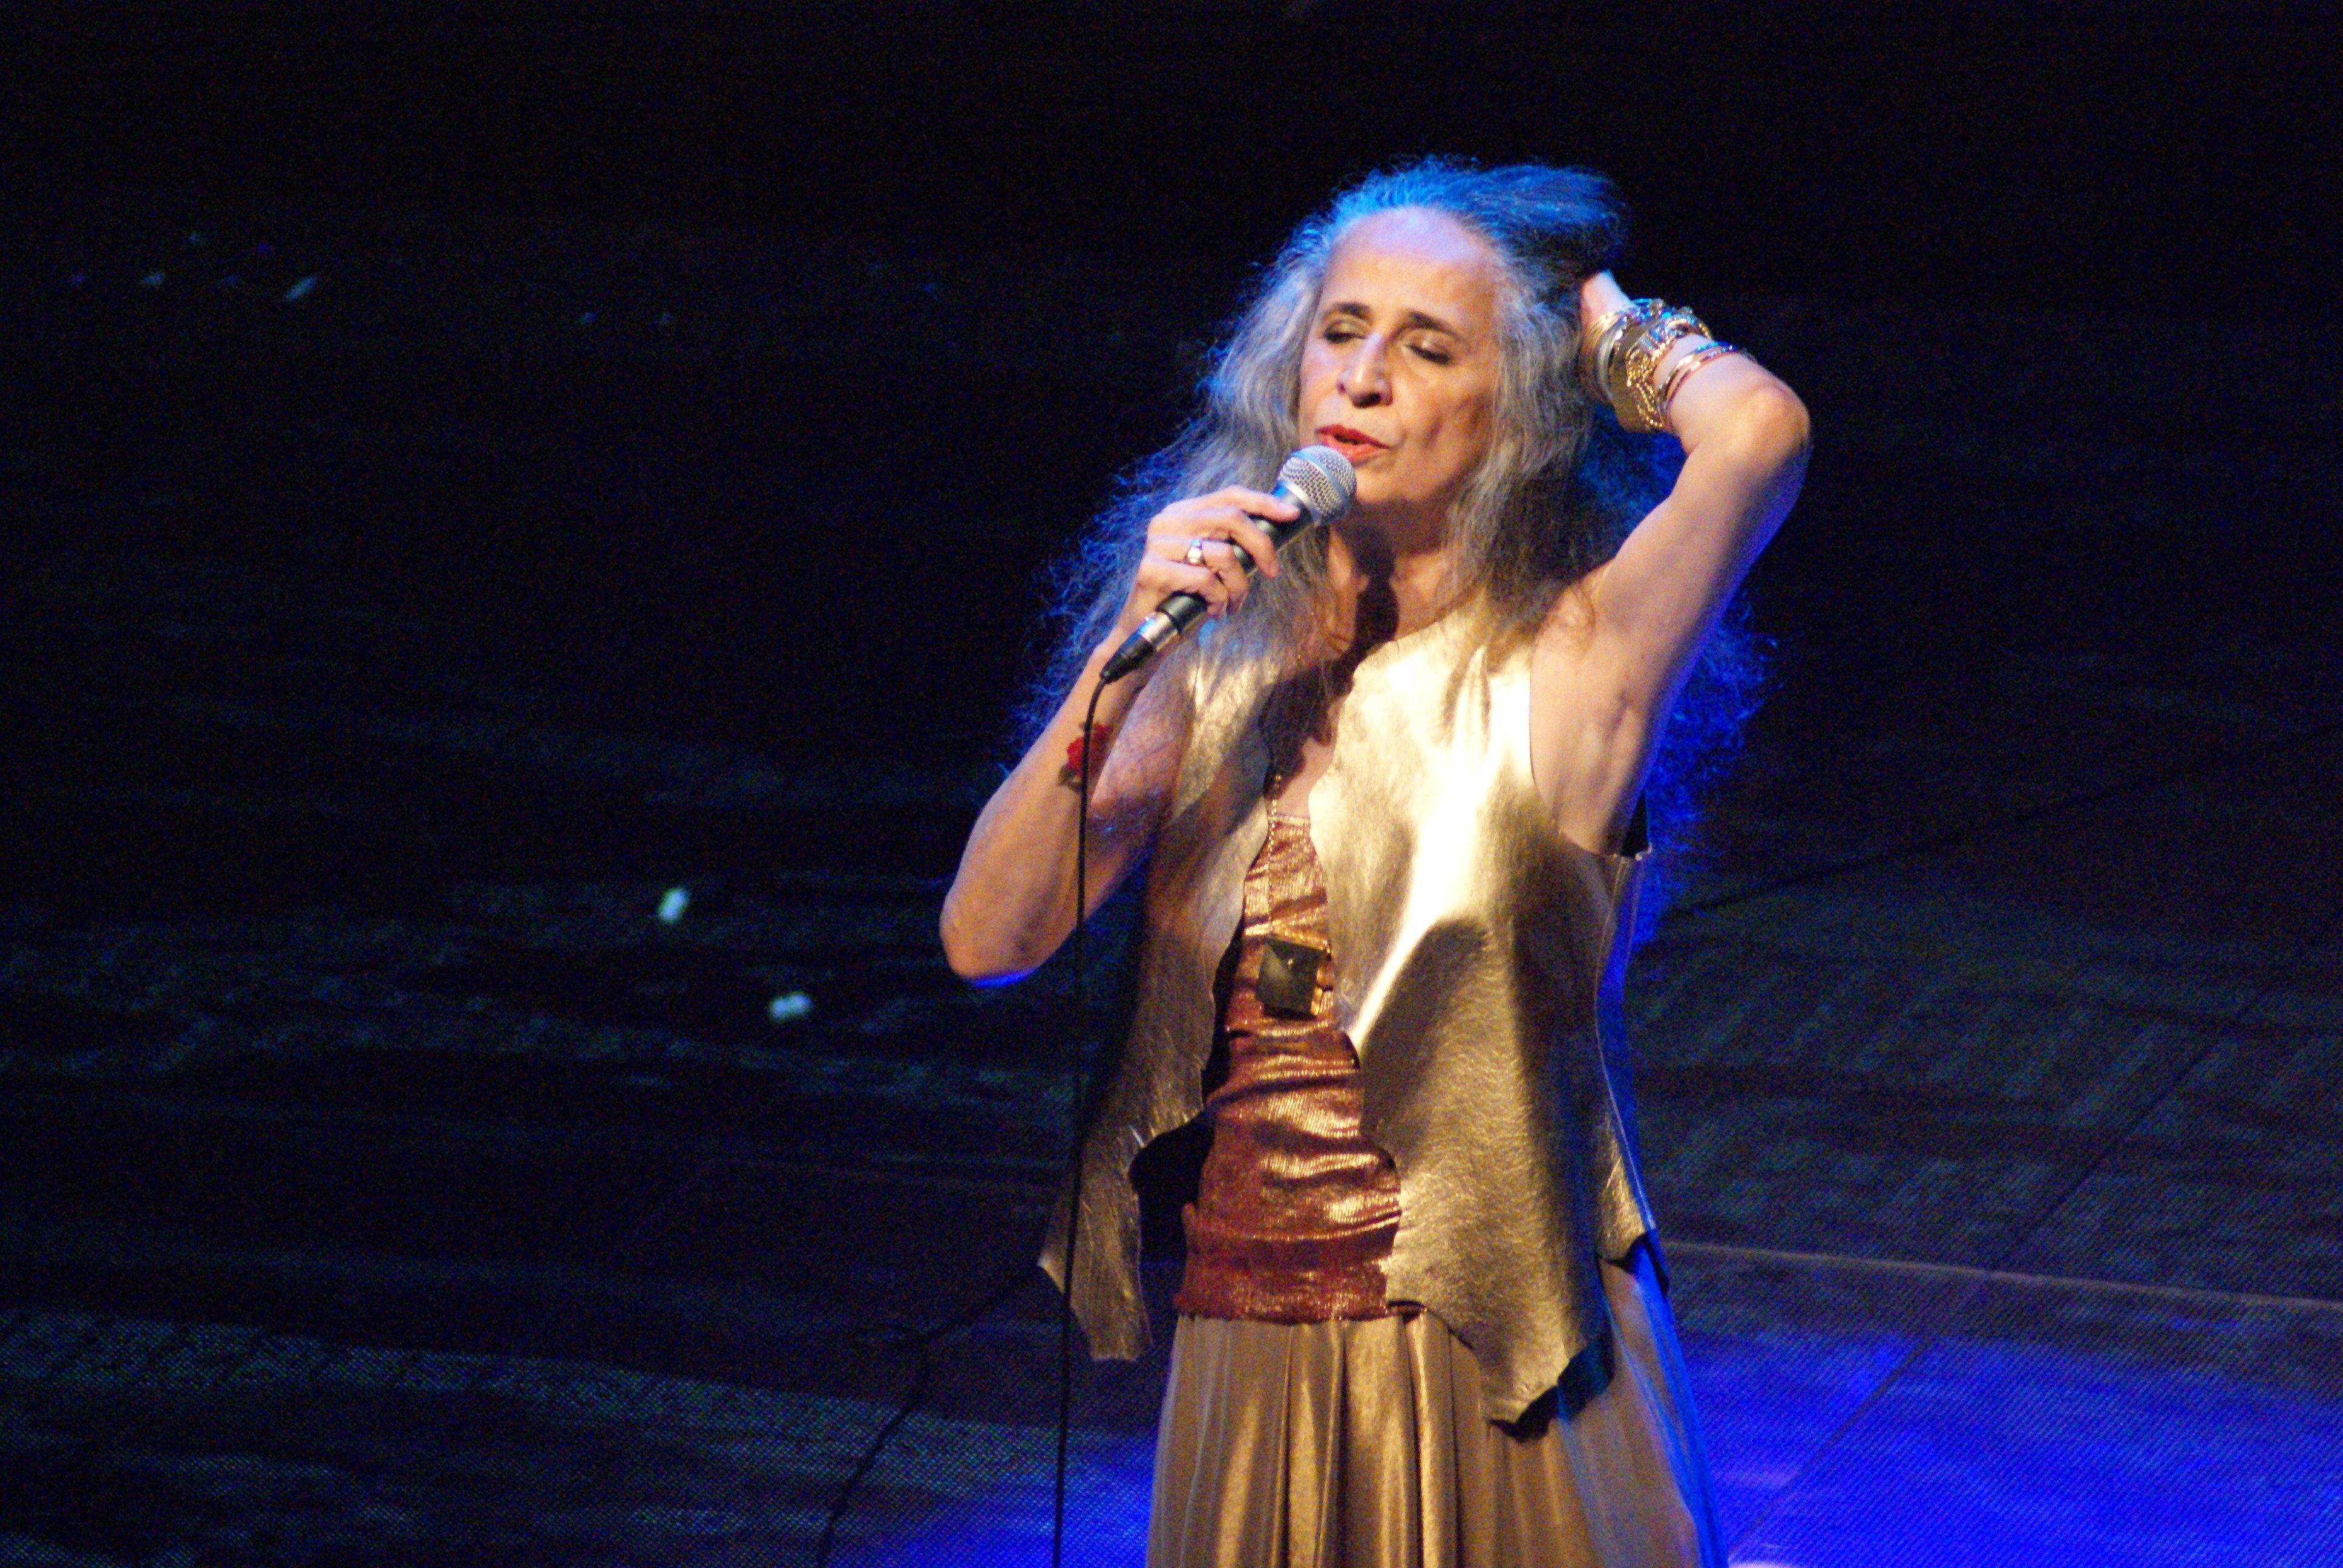 Maria Bethânia no palco cantando